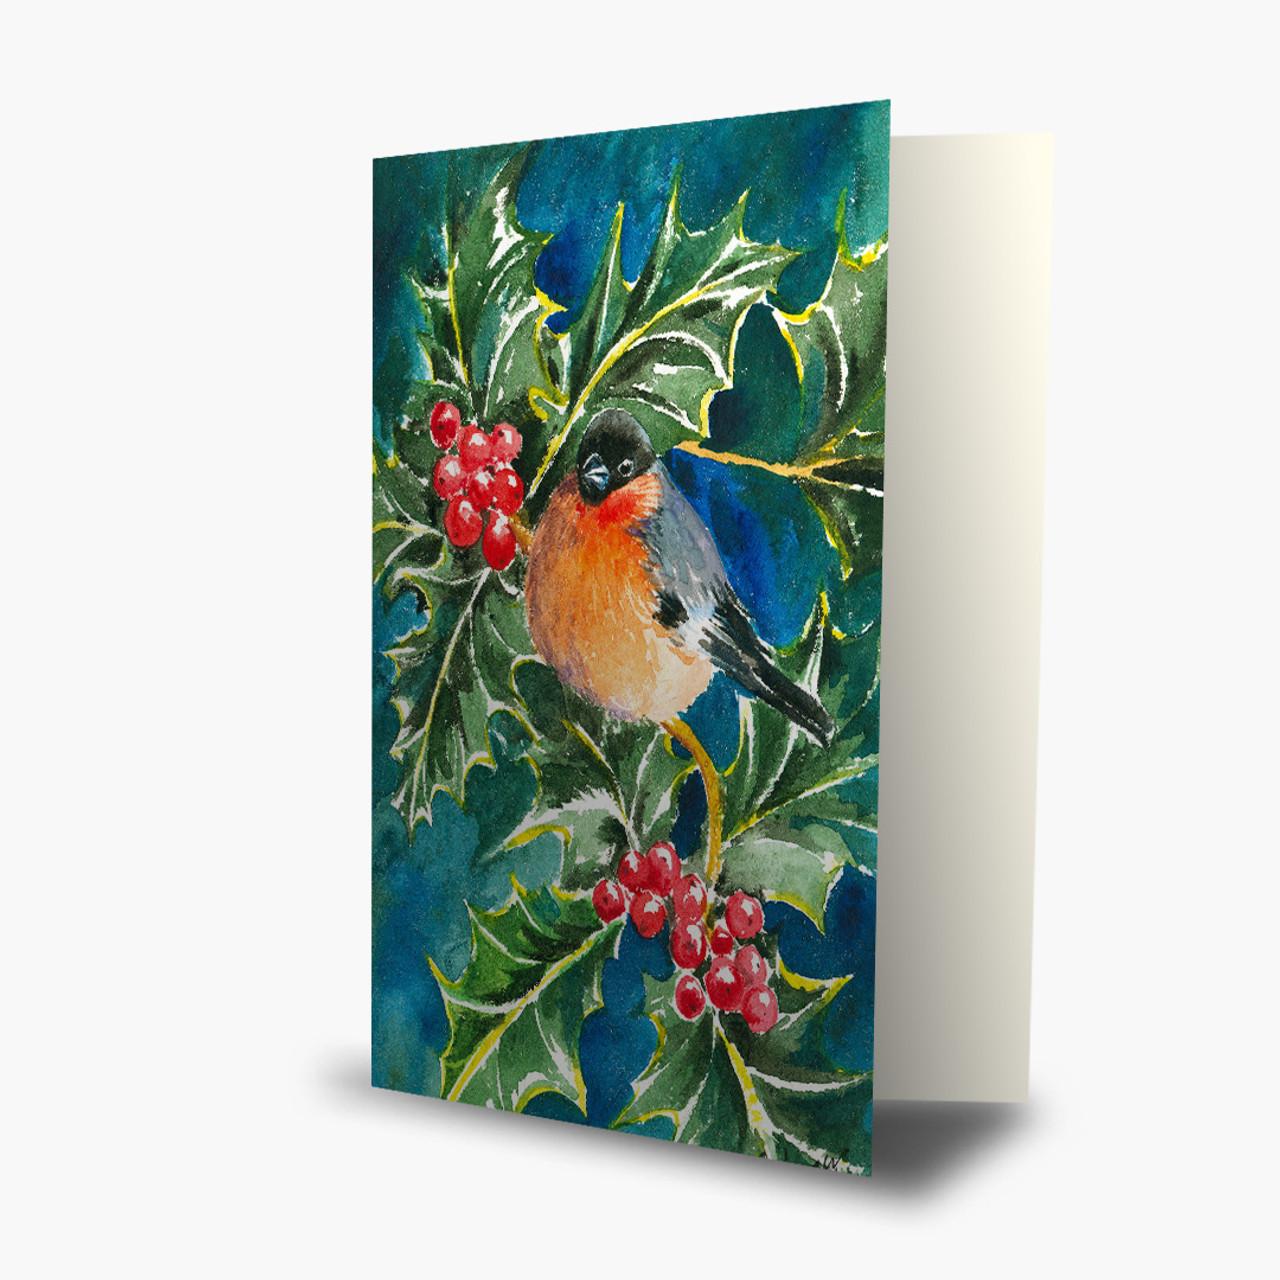 Bullfinch and Holly Christmas Card